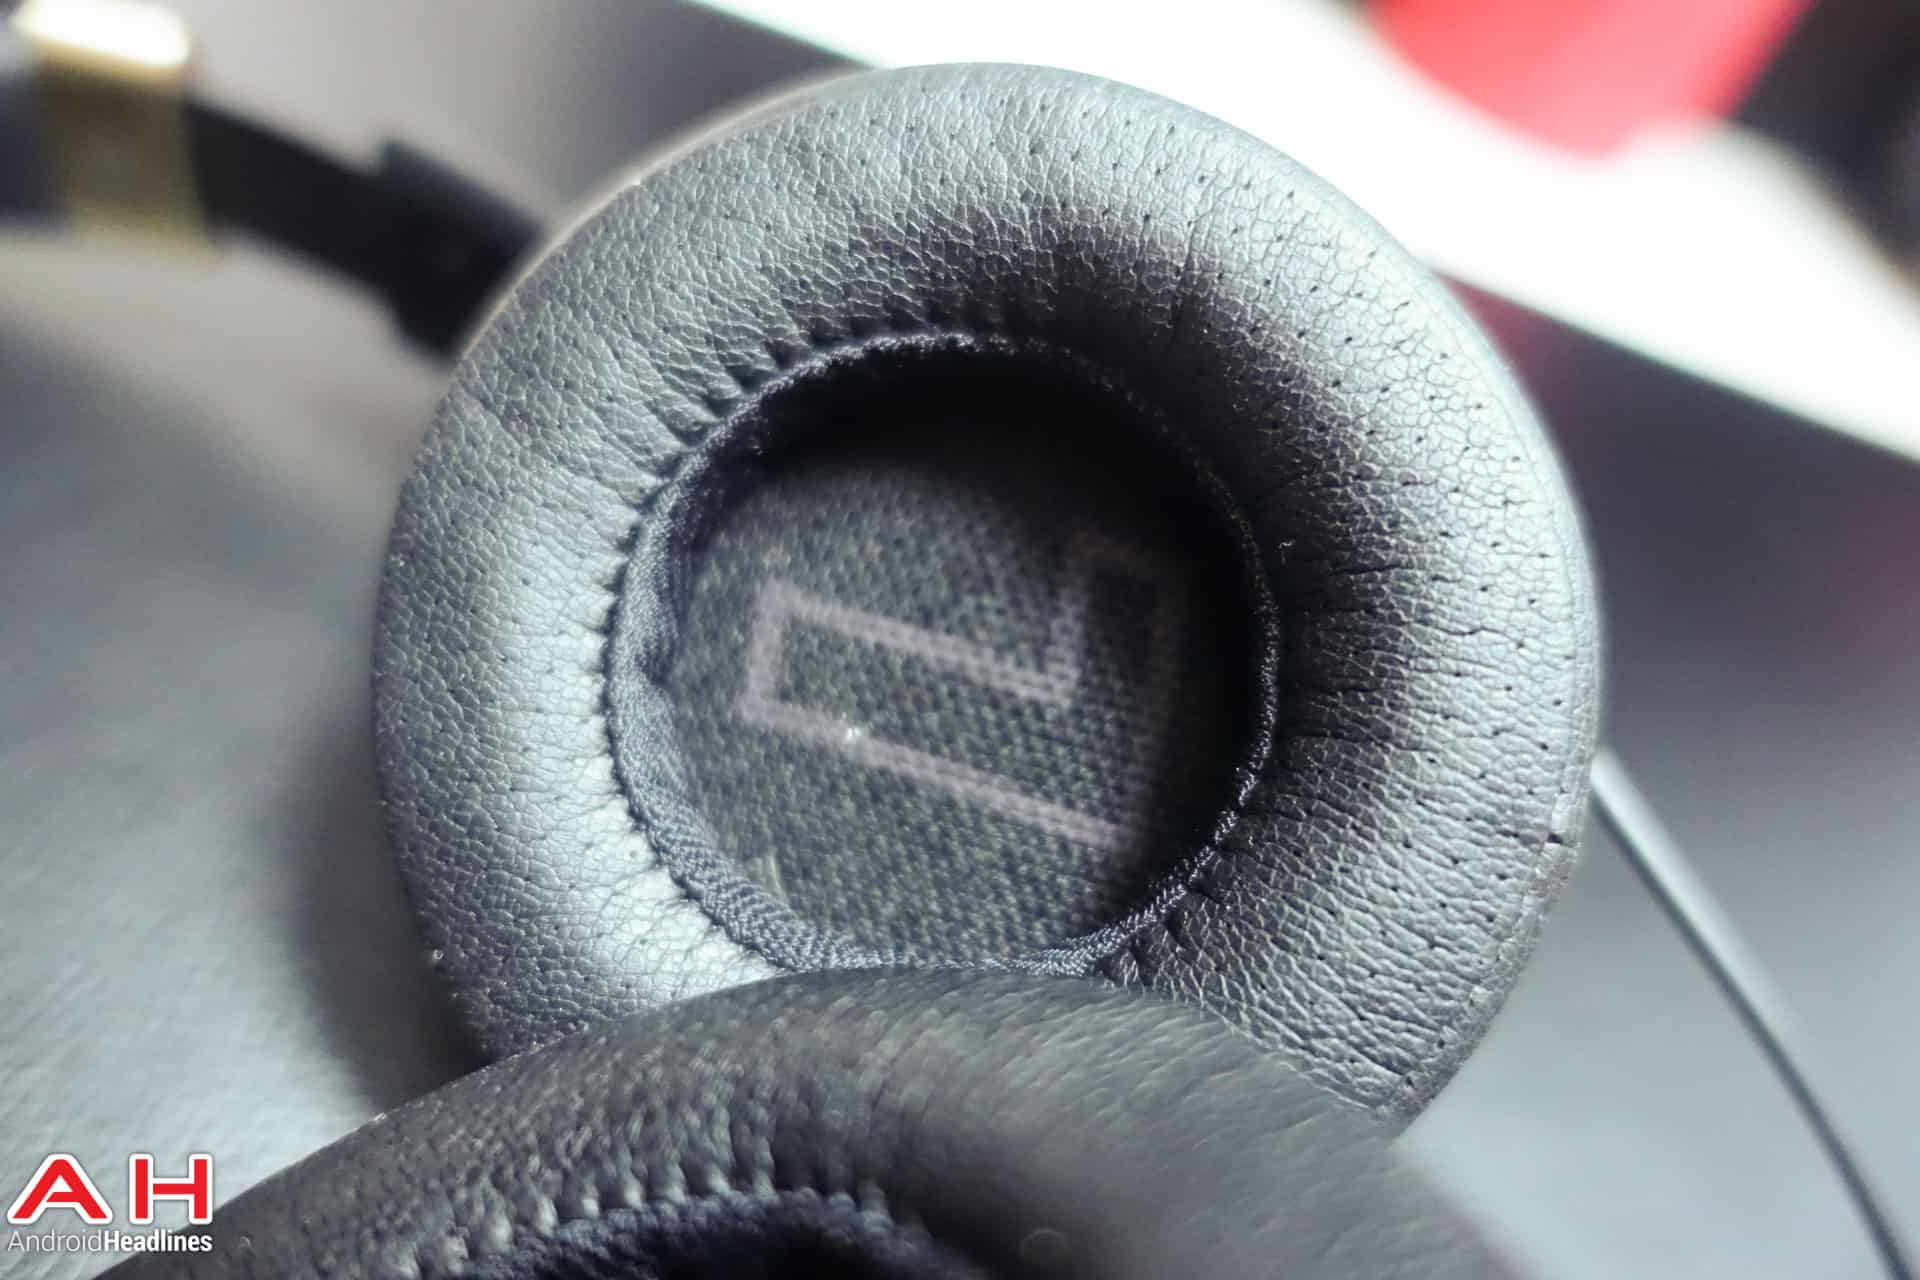 Xiaomi Mi headphones AH 03922